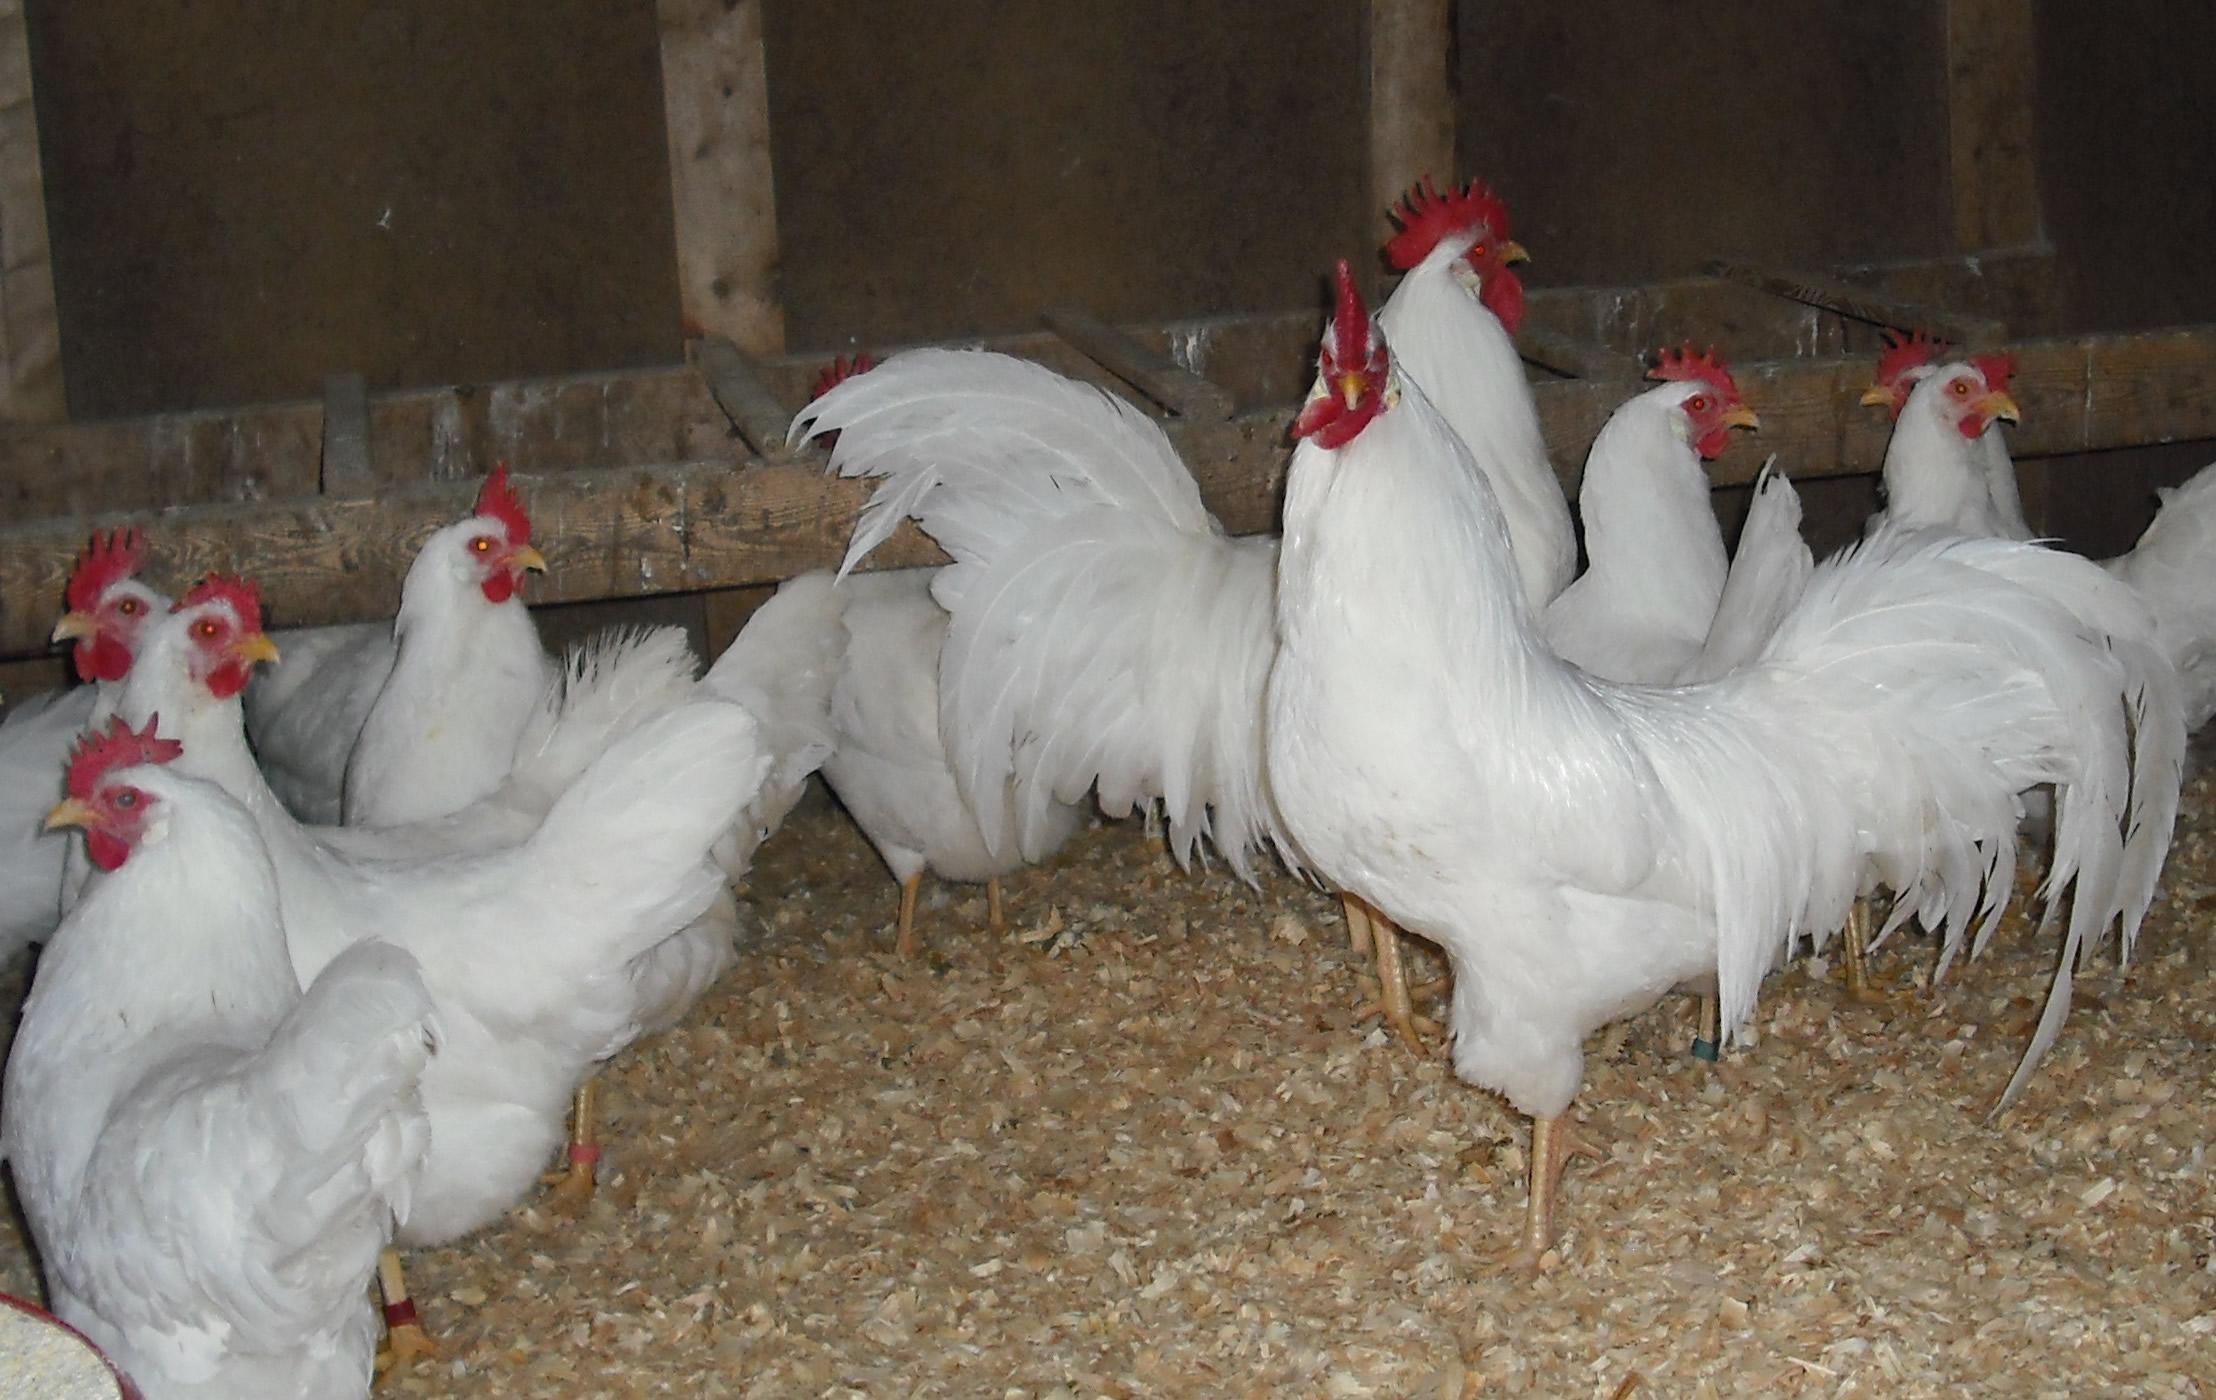 18 Plus White Leghorn Hatching Eggs